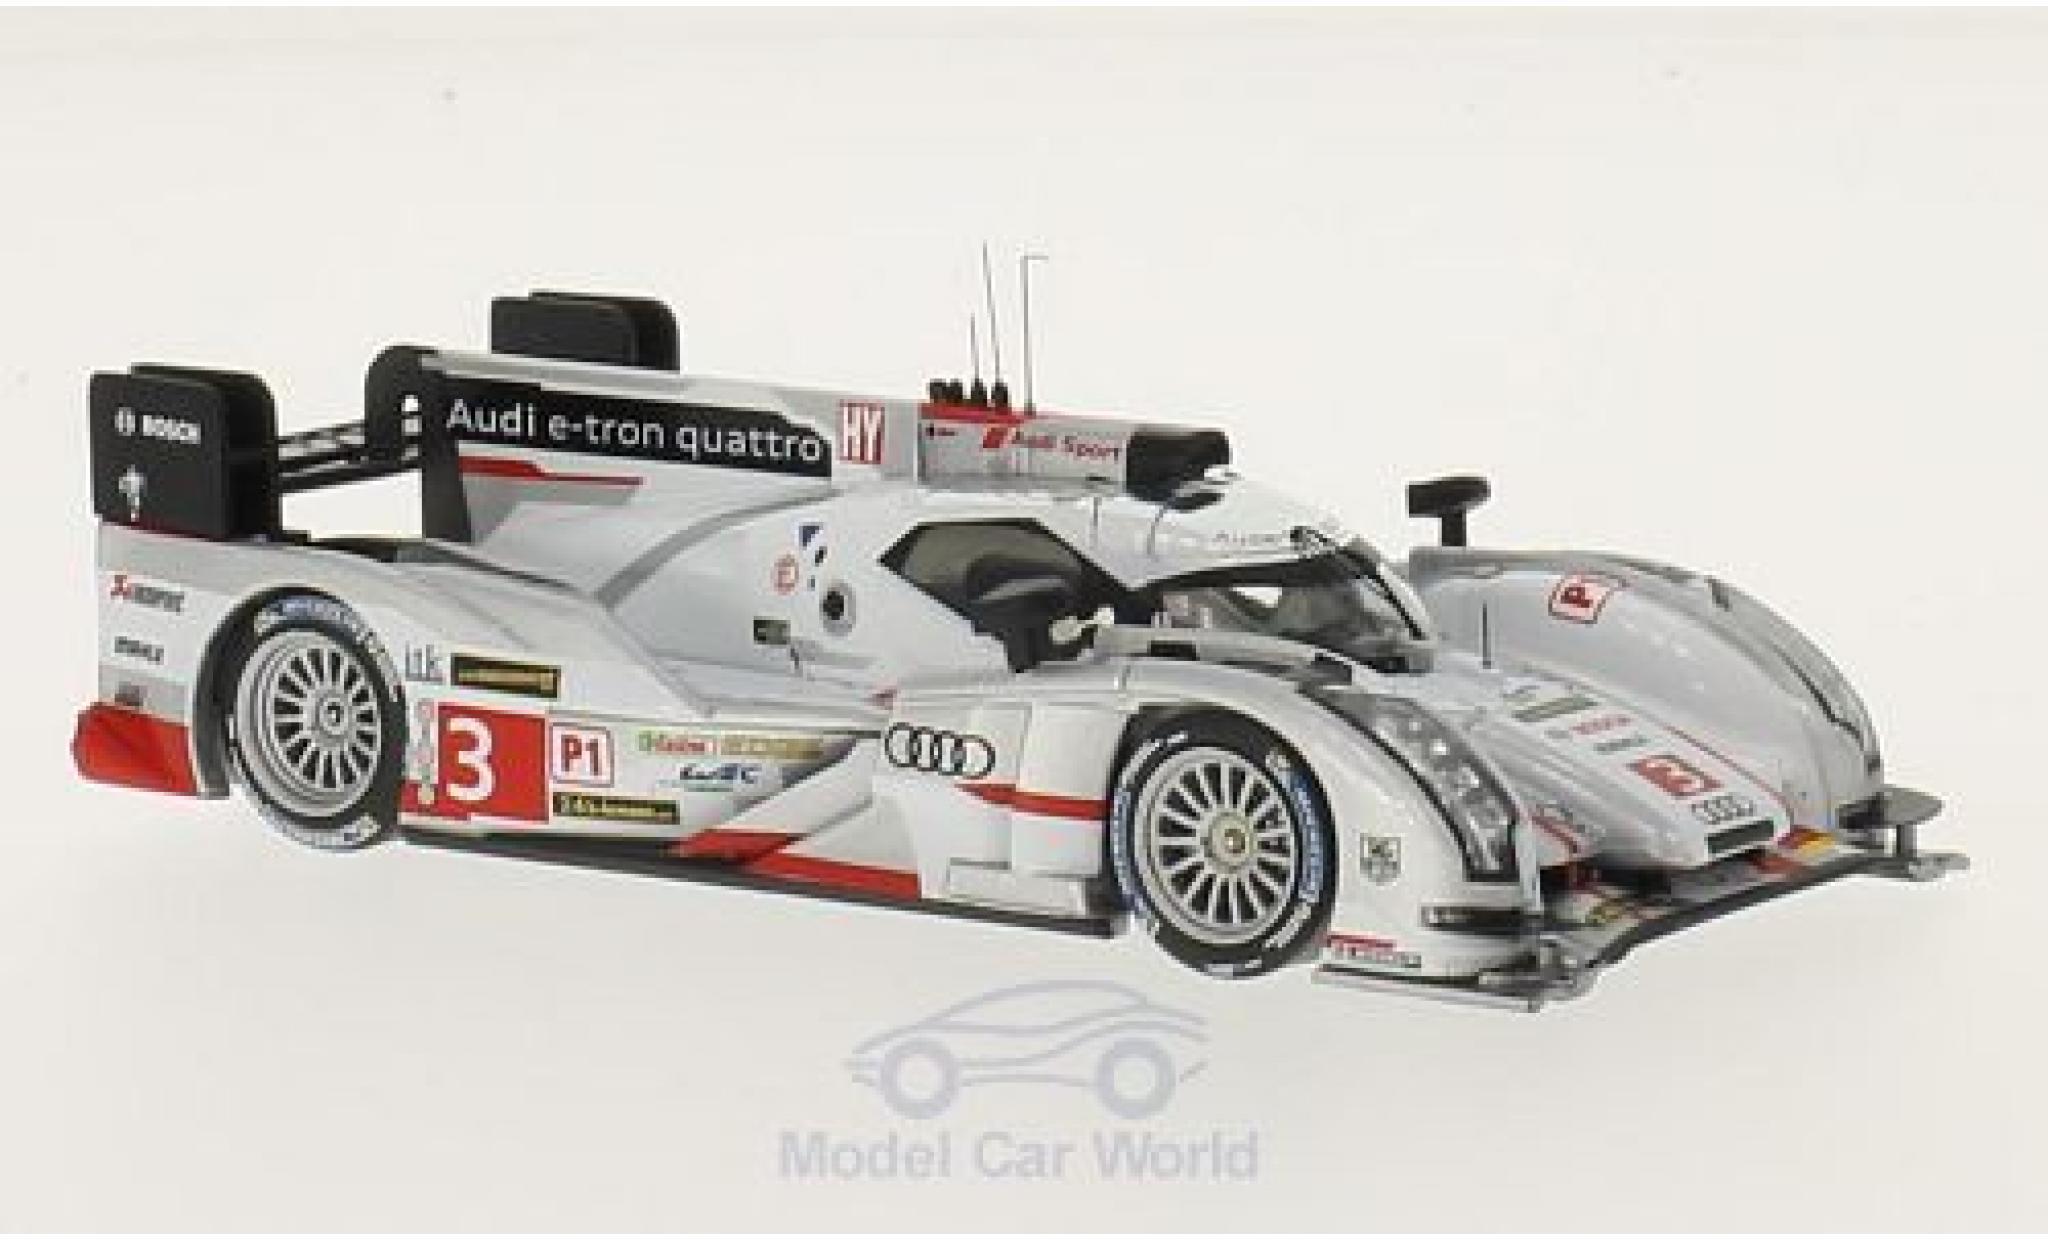 Audi R18 1/43 IXO E-Tron quattro No.3 24h Le Mans 2013 L.Di Grassi/M.Gene/O.Jarvis